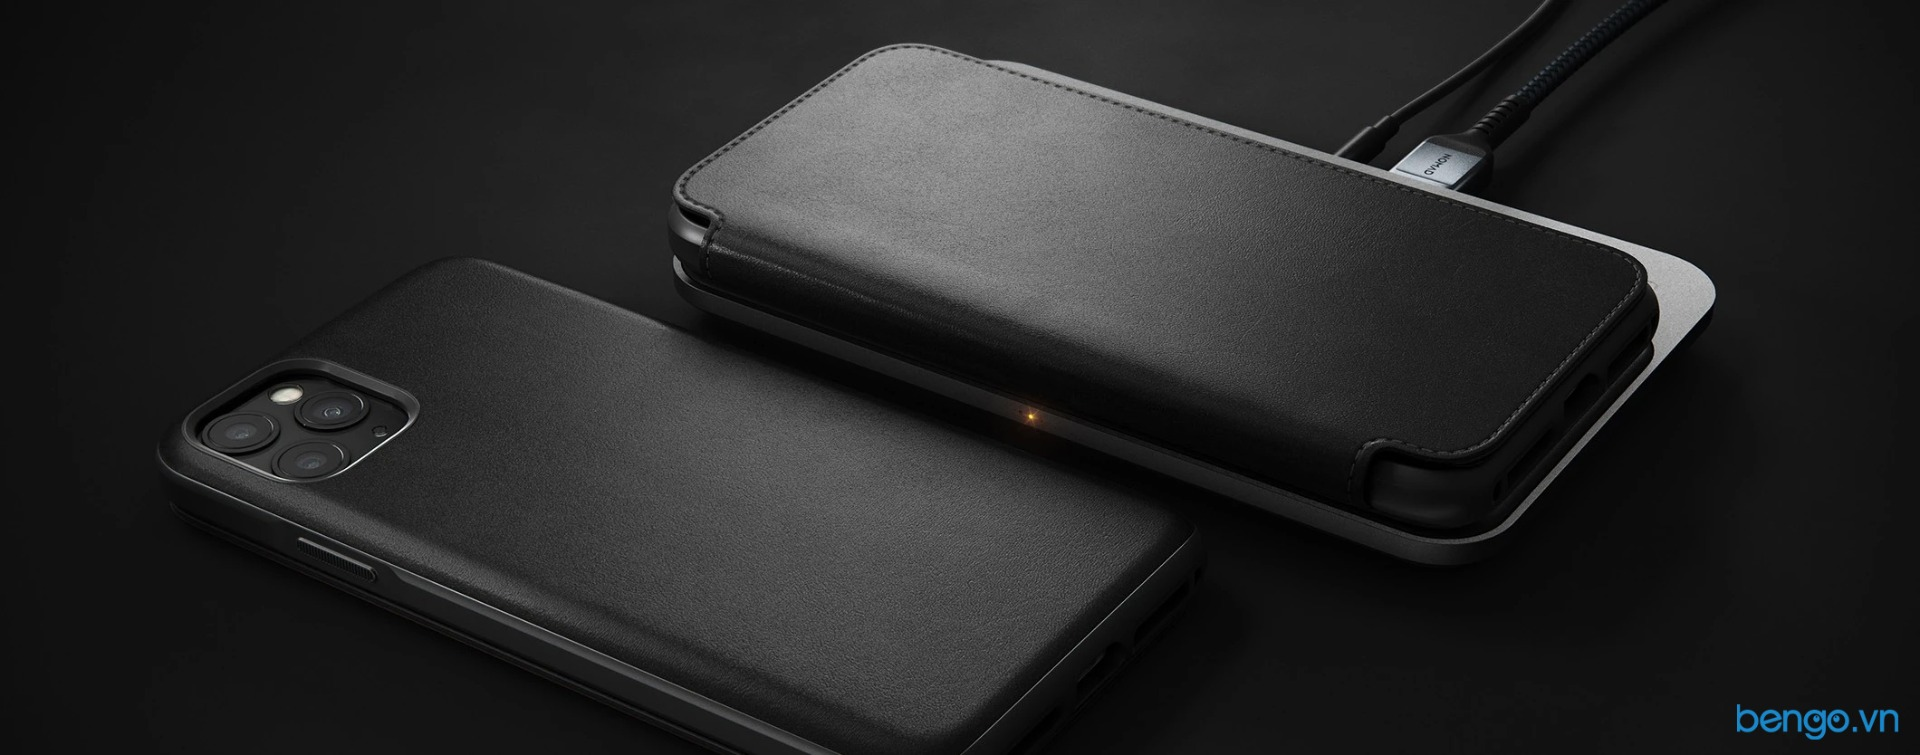 iPhone 11 Pro Nomad Rugged Folio Case